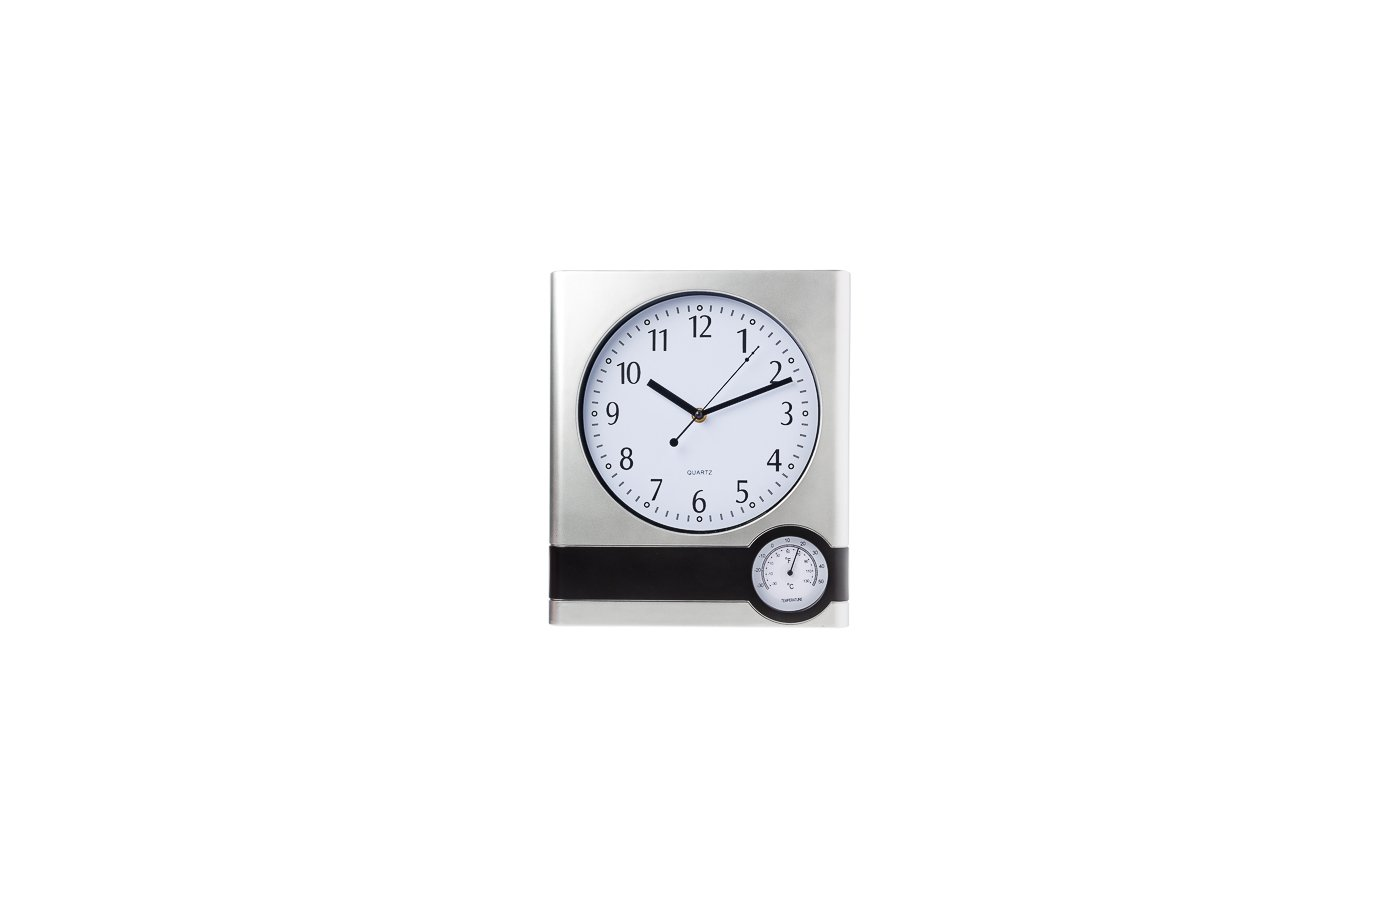 Часы настенные 581-548 Часы настенные функциональные с термометром